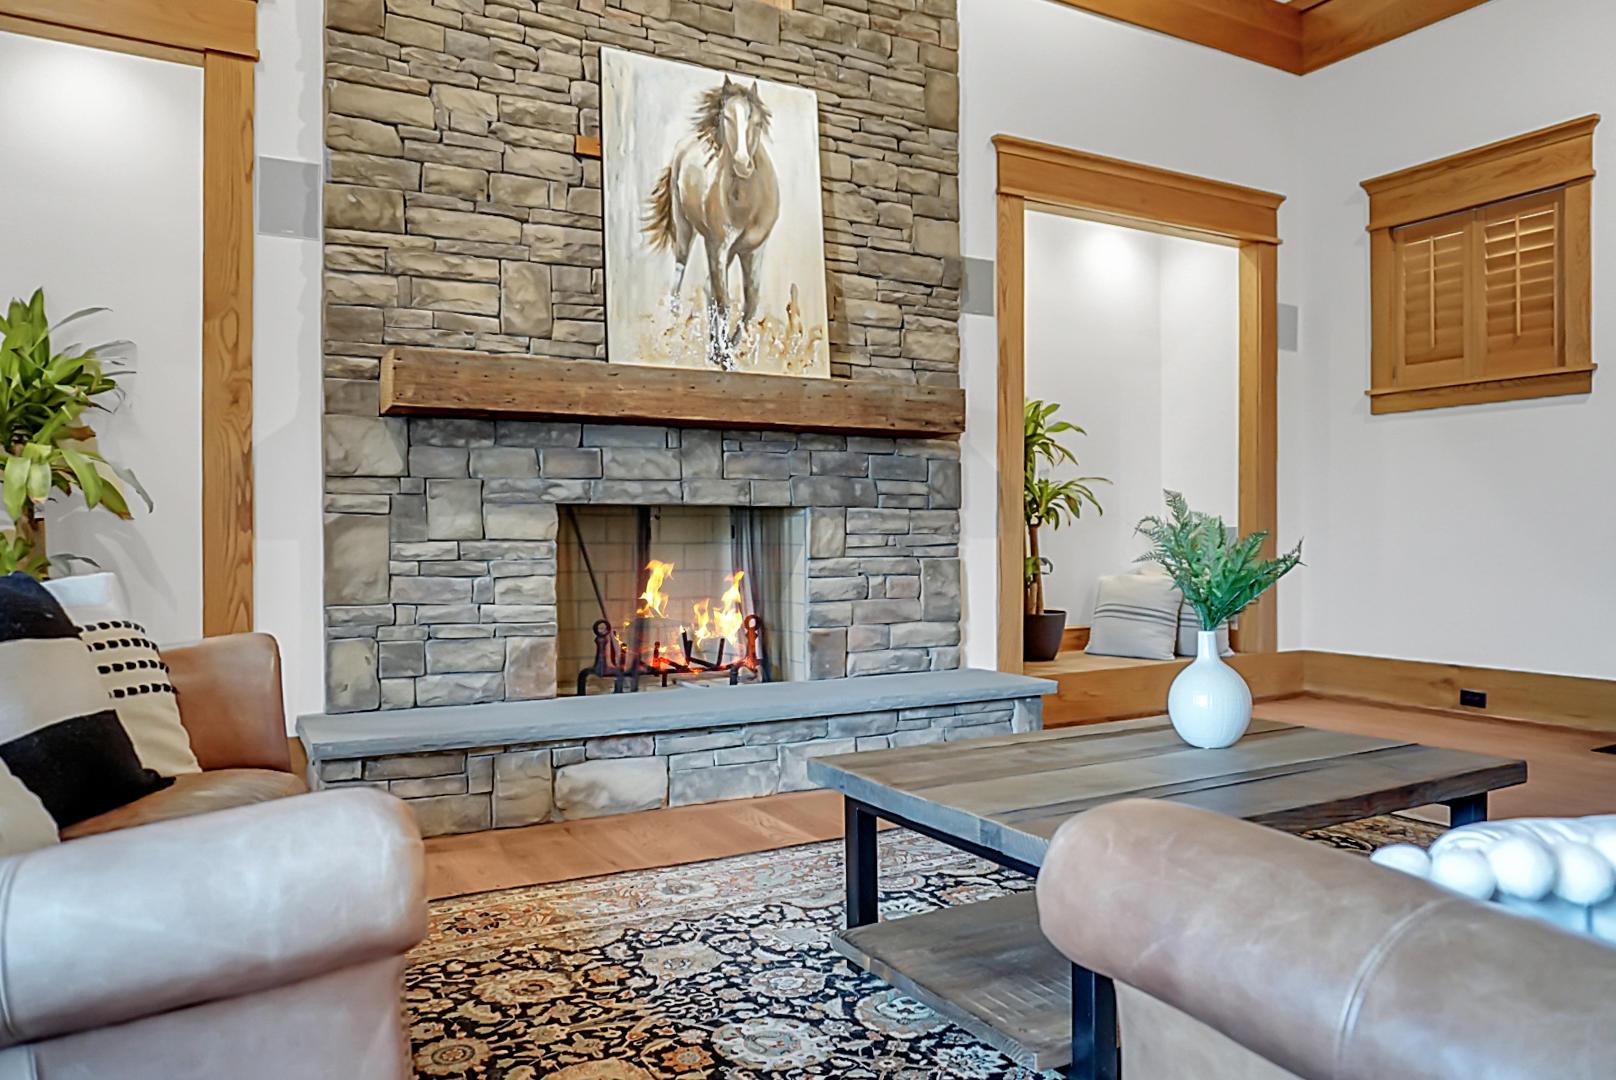 Dunes West Homes For Sale - 2978 River Vista, Mount Pleasant, SC - 47